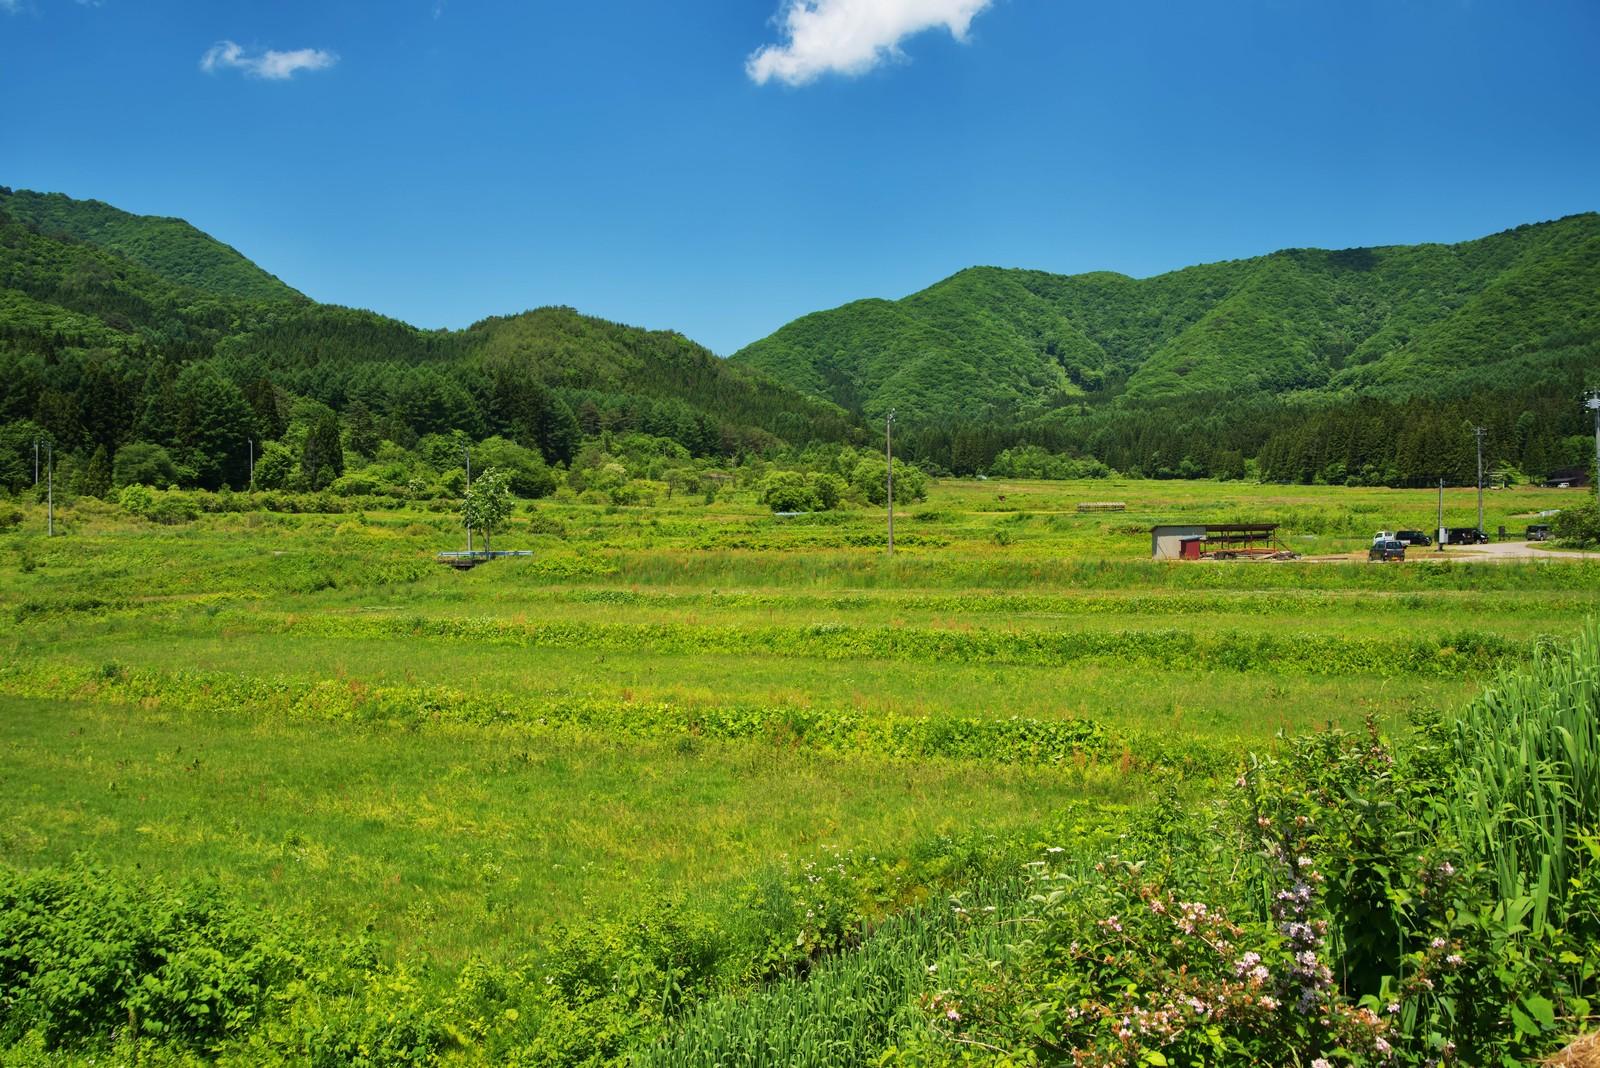 東京から田舎に帰省して感じたこと。ダラけなくてすむ都会も好きだ。